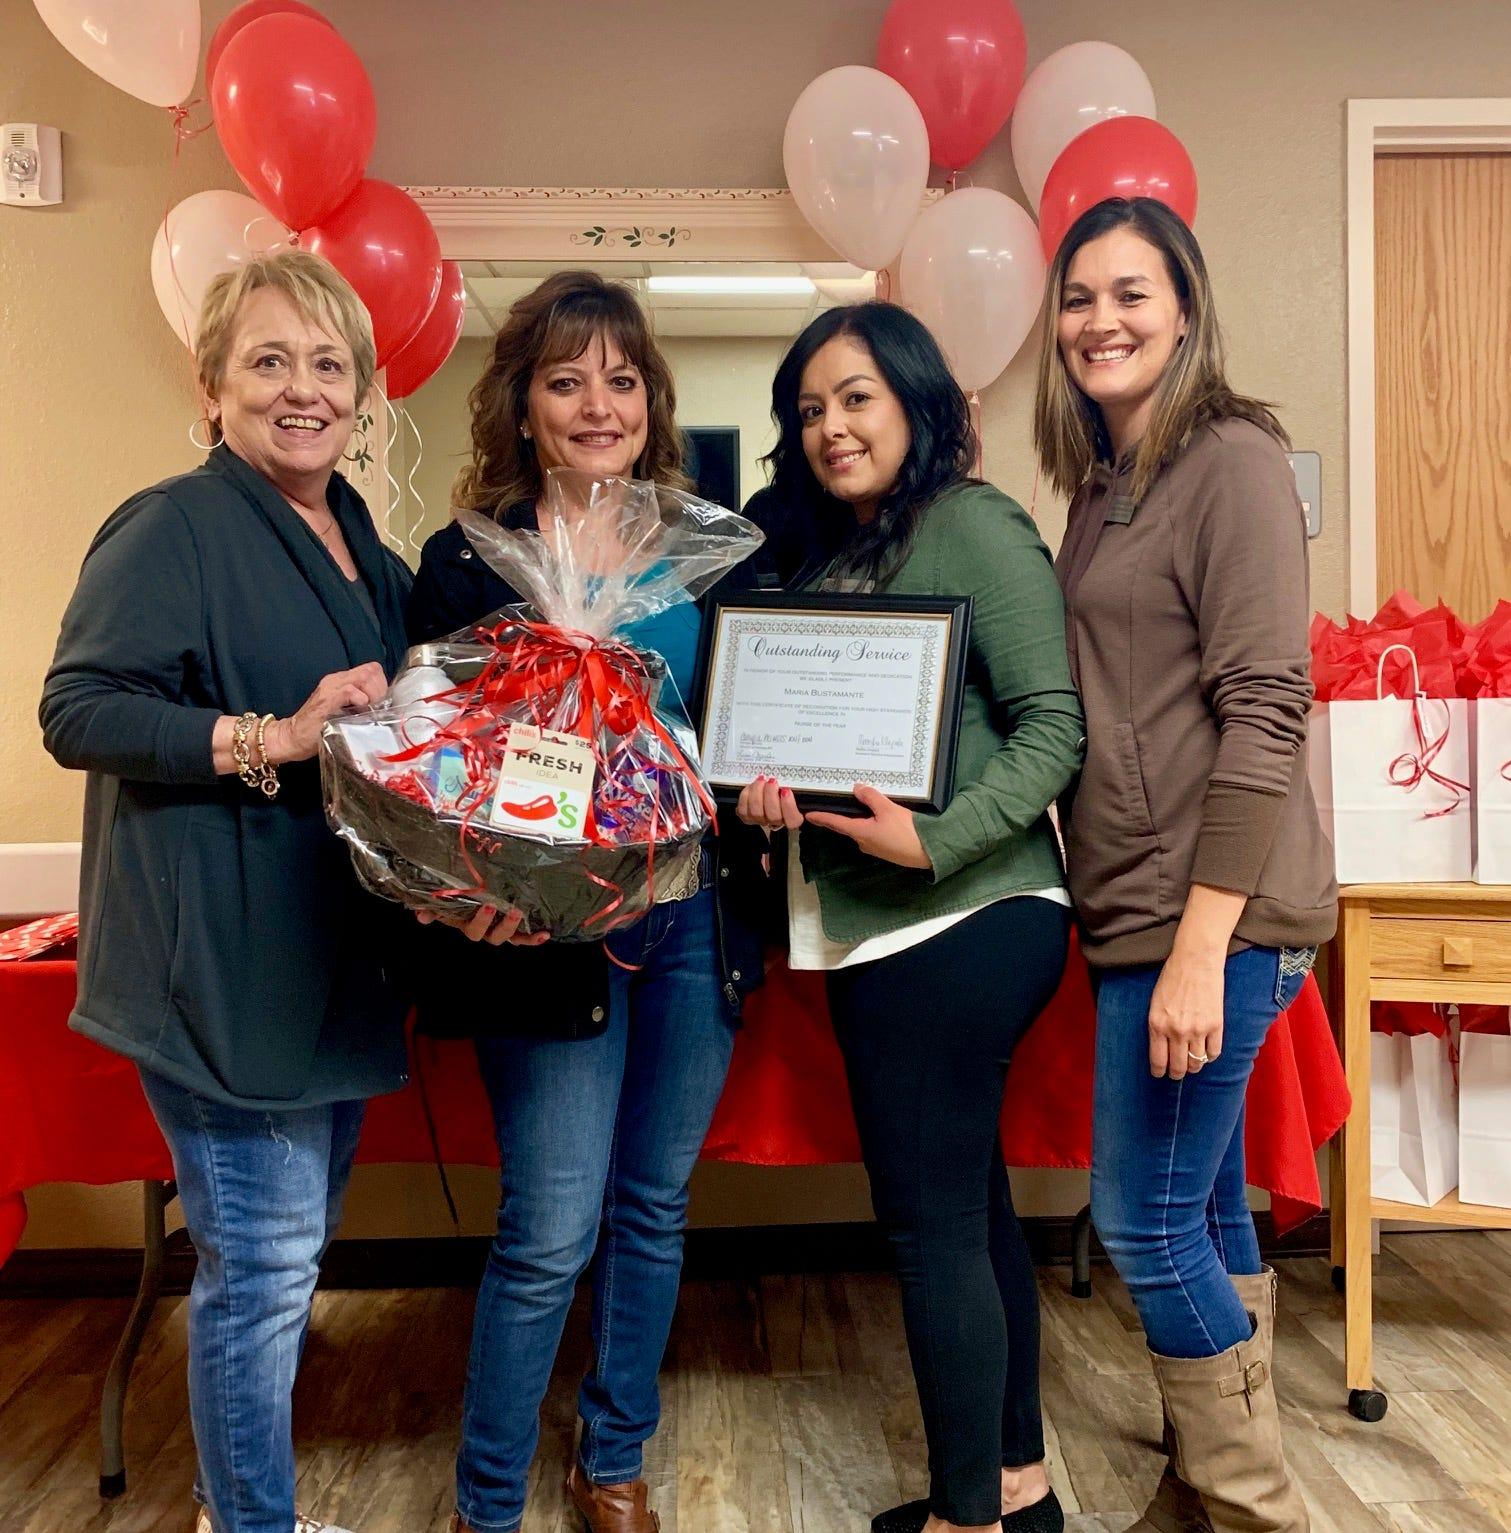 Business briefs: Landsun celebrates nurses